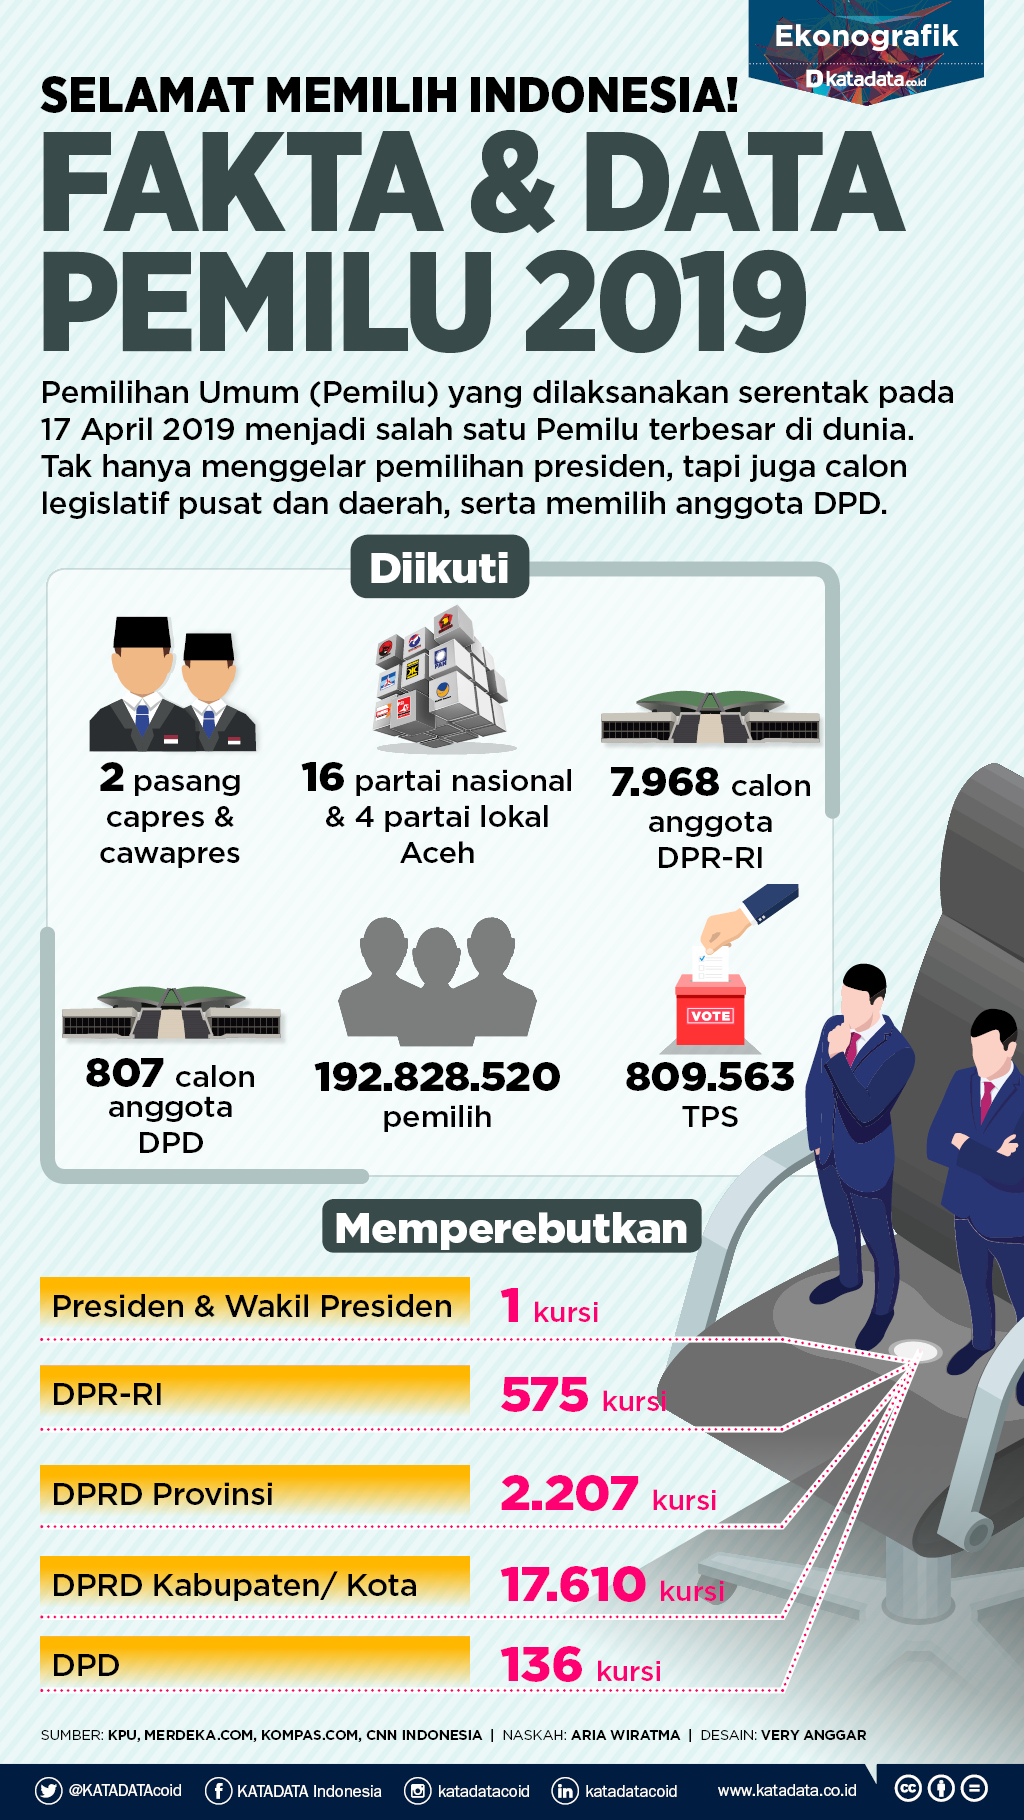 Fakta dan data pemilu 2019_rev